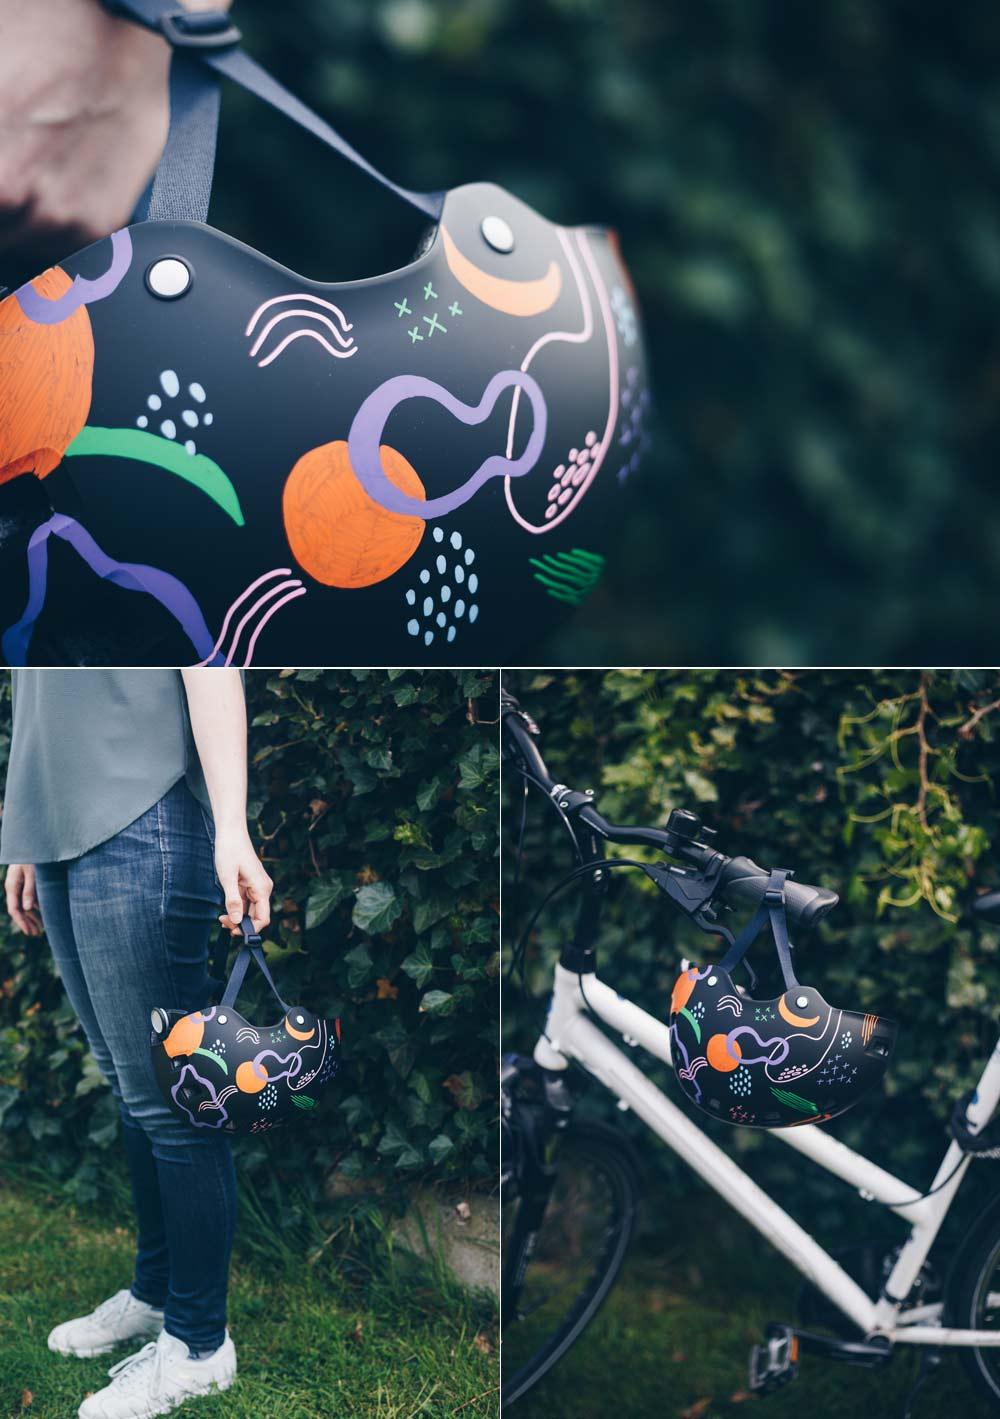 DIY Fahrradhelm verschönern mit grafischem modernen Muster